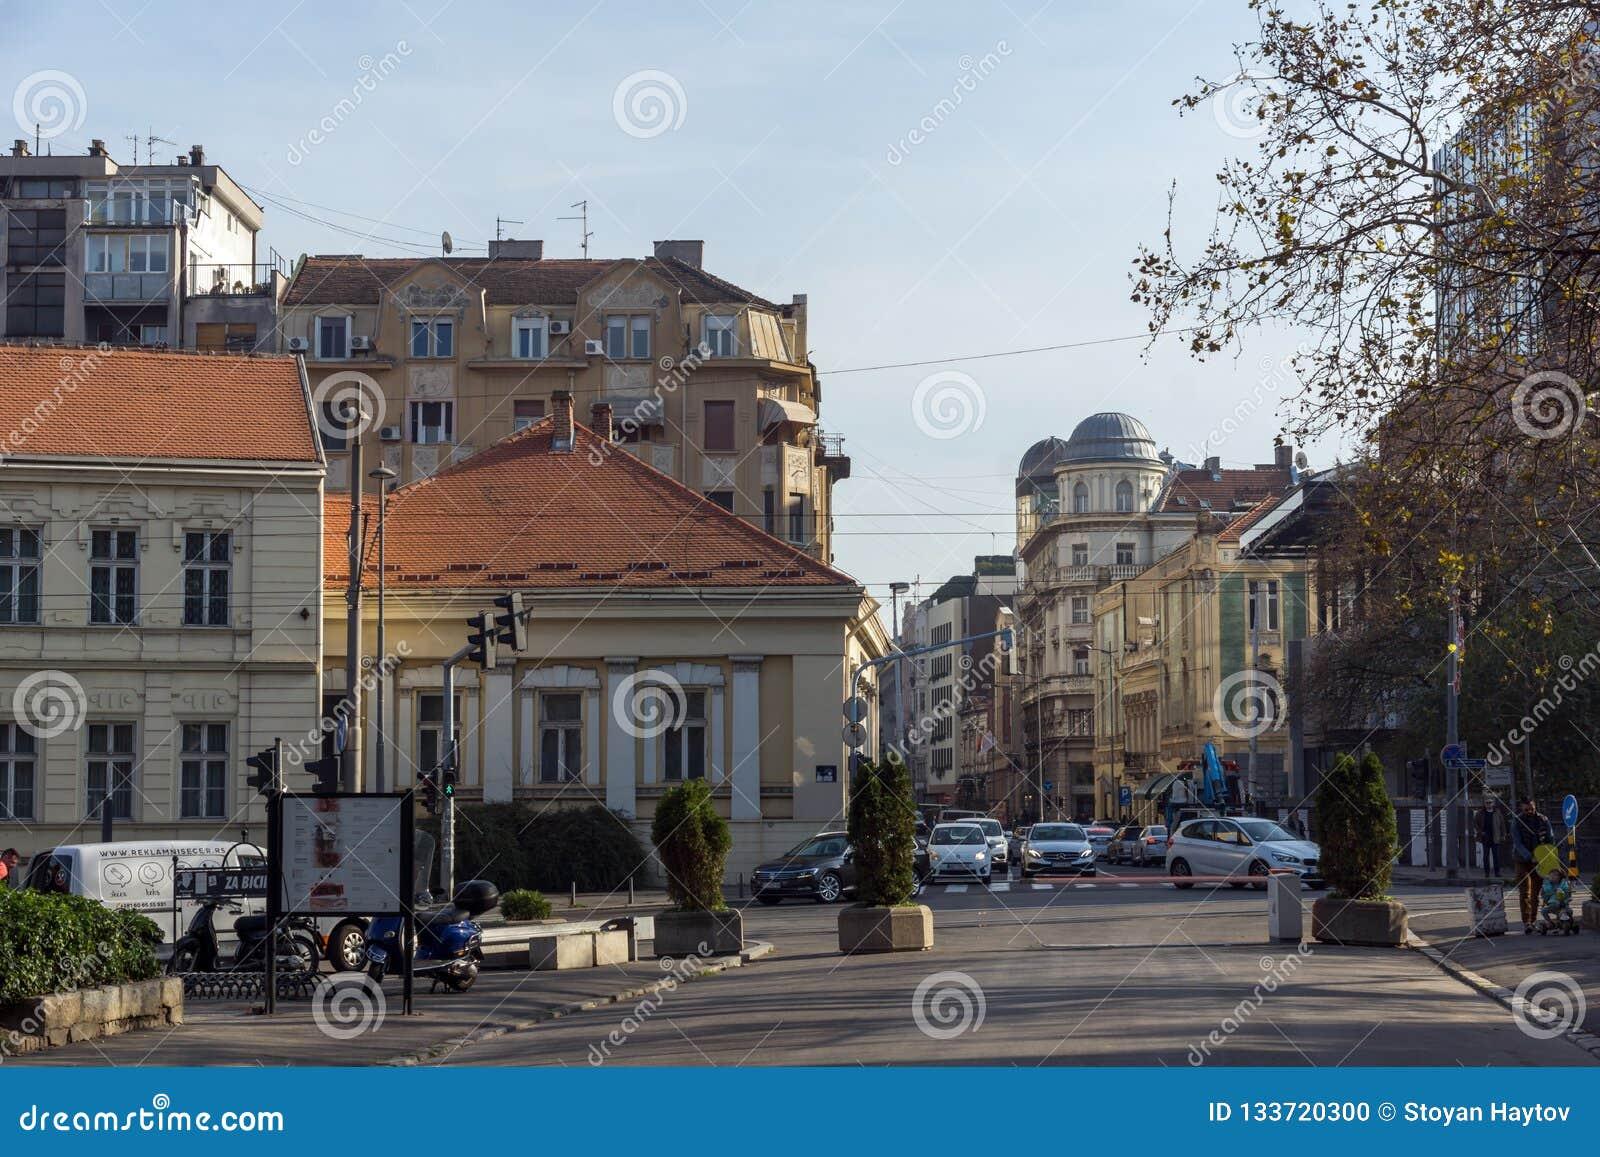 Edificio típico en el centro de la ciudad de Belgrado, Serbia